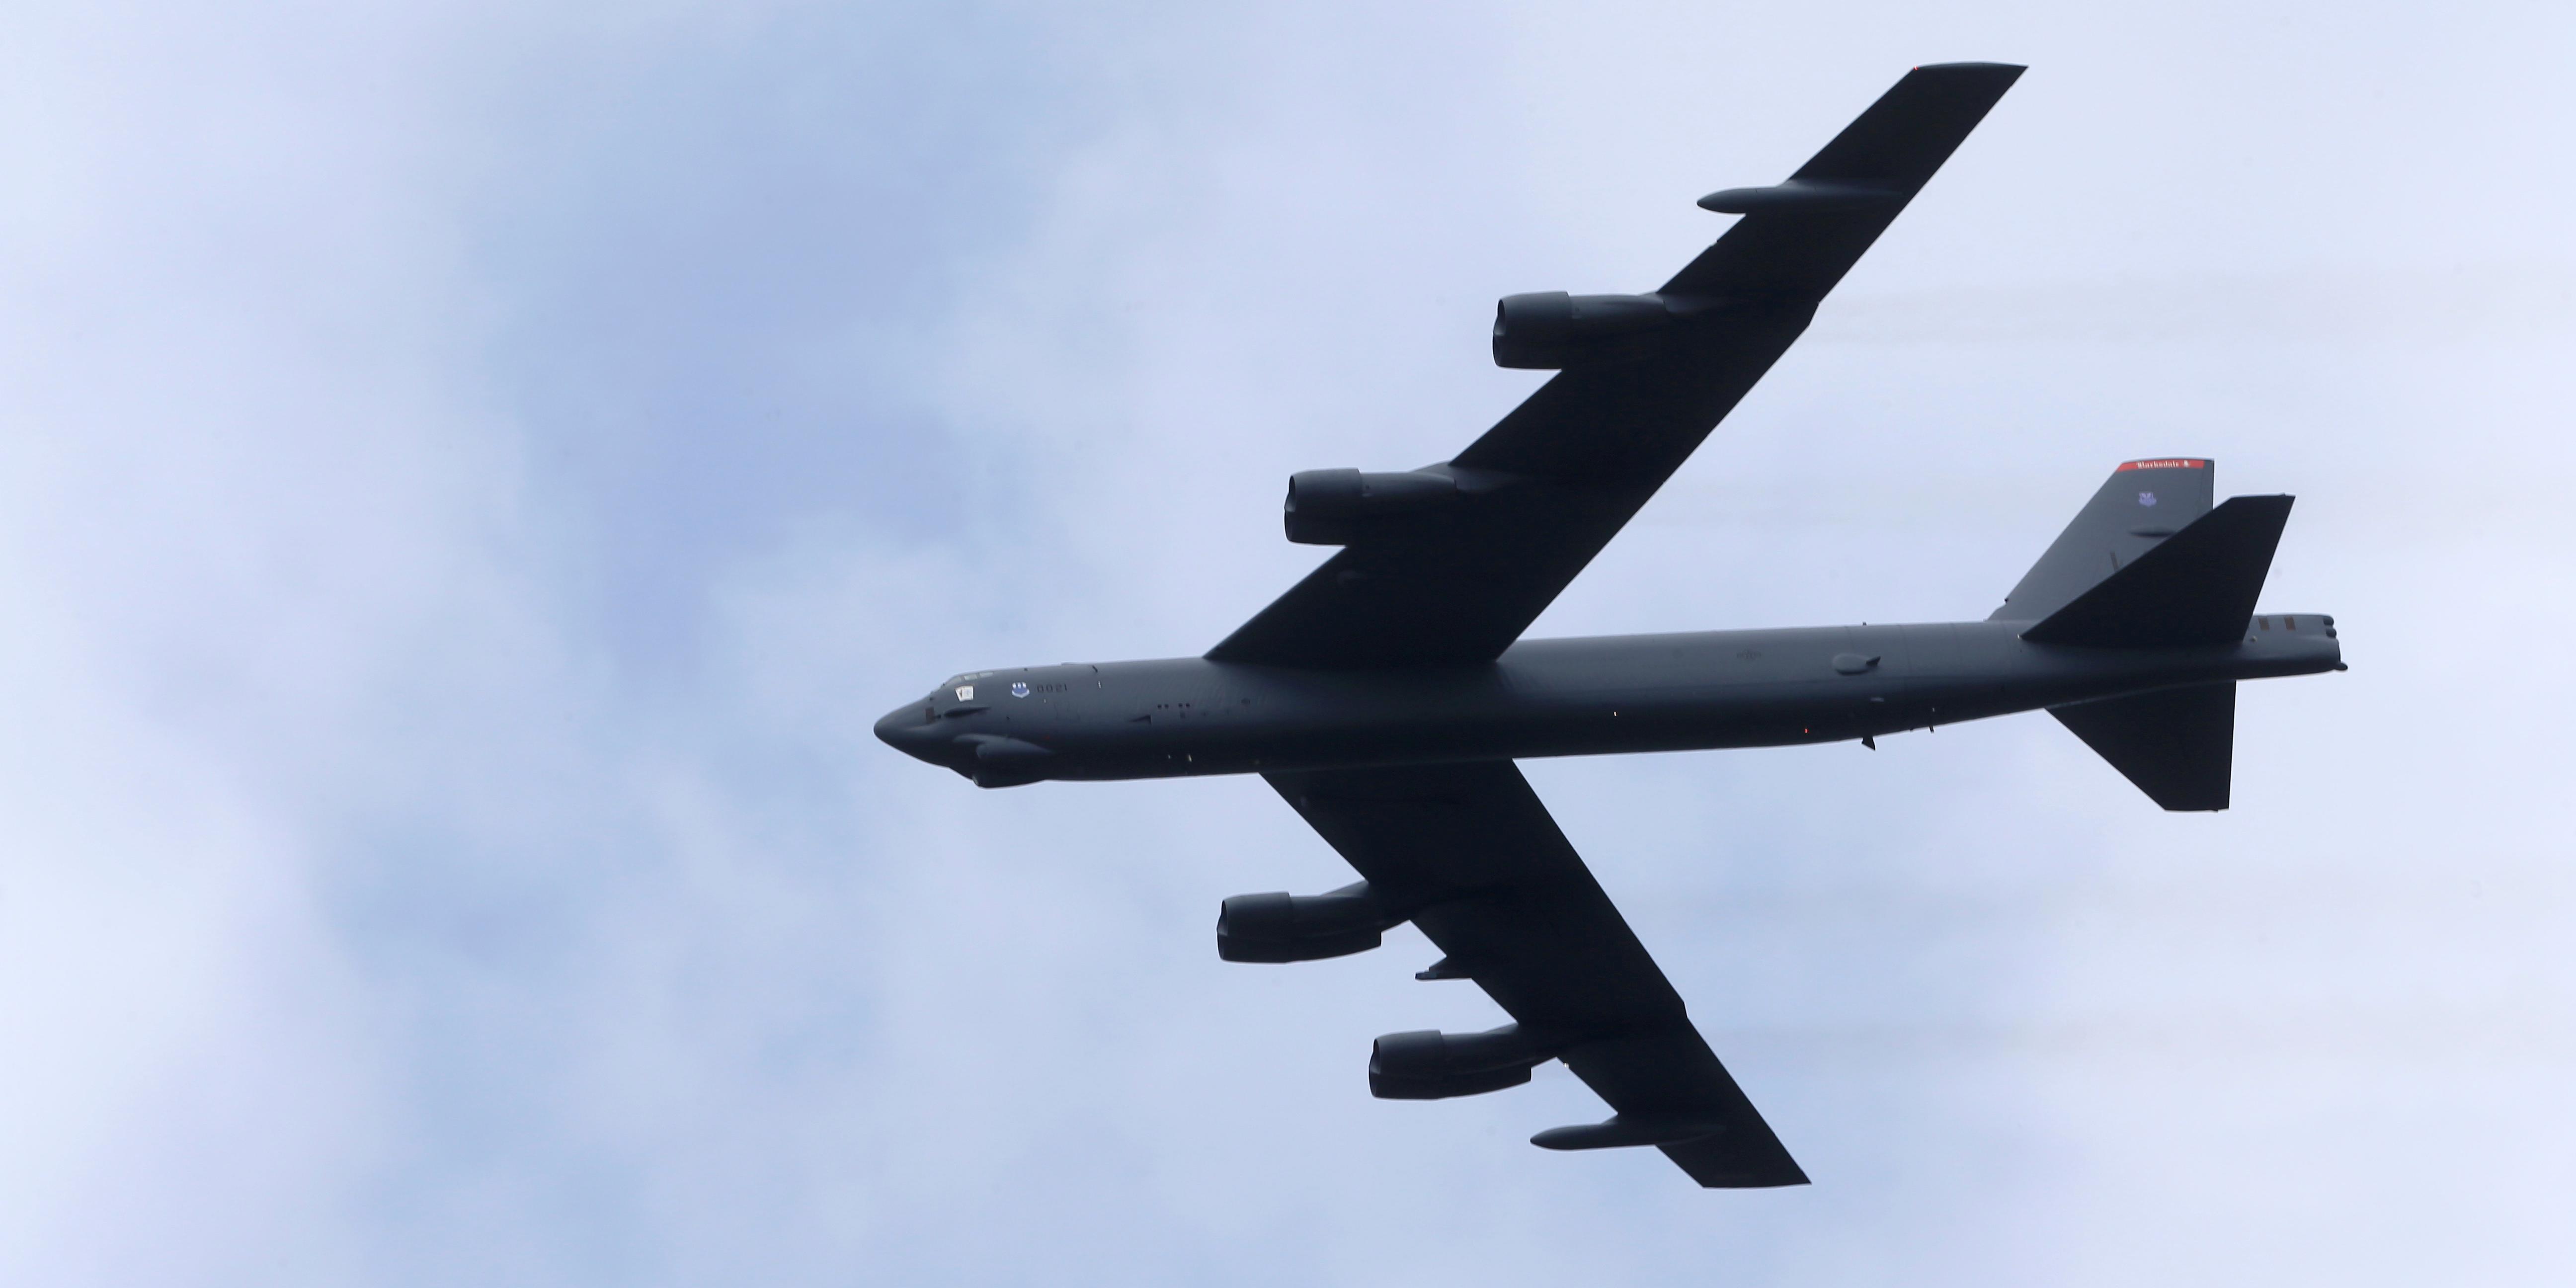 Бомбардировщик б-52 фото. видео. вооружение. ттх